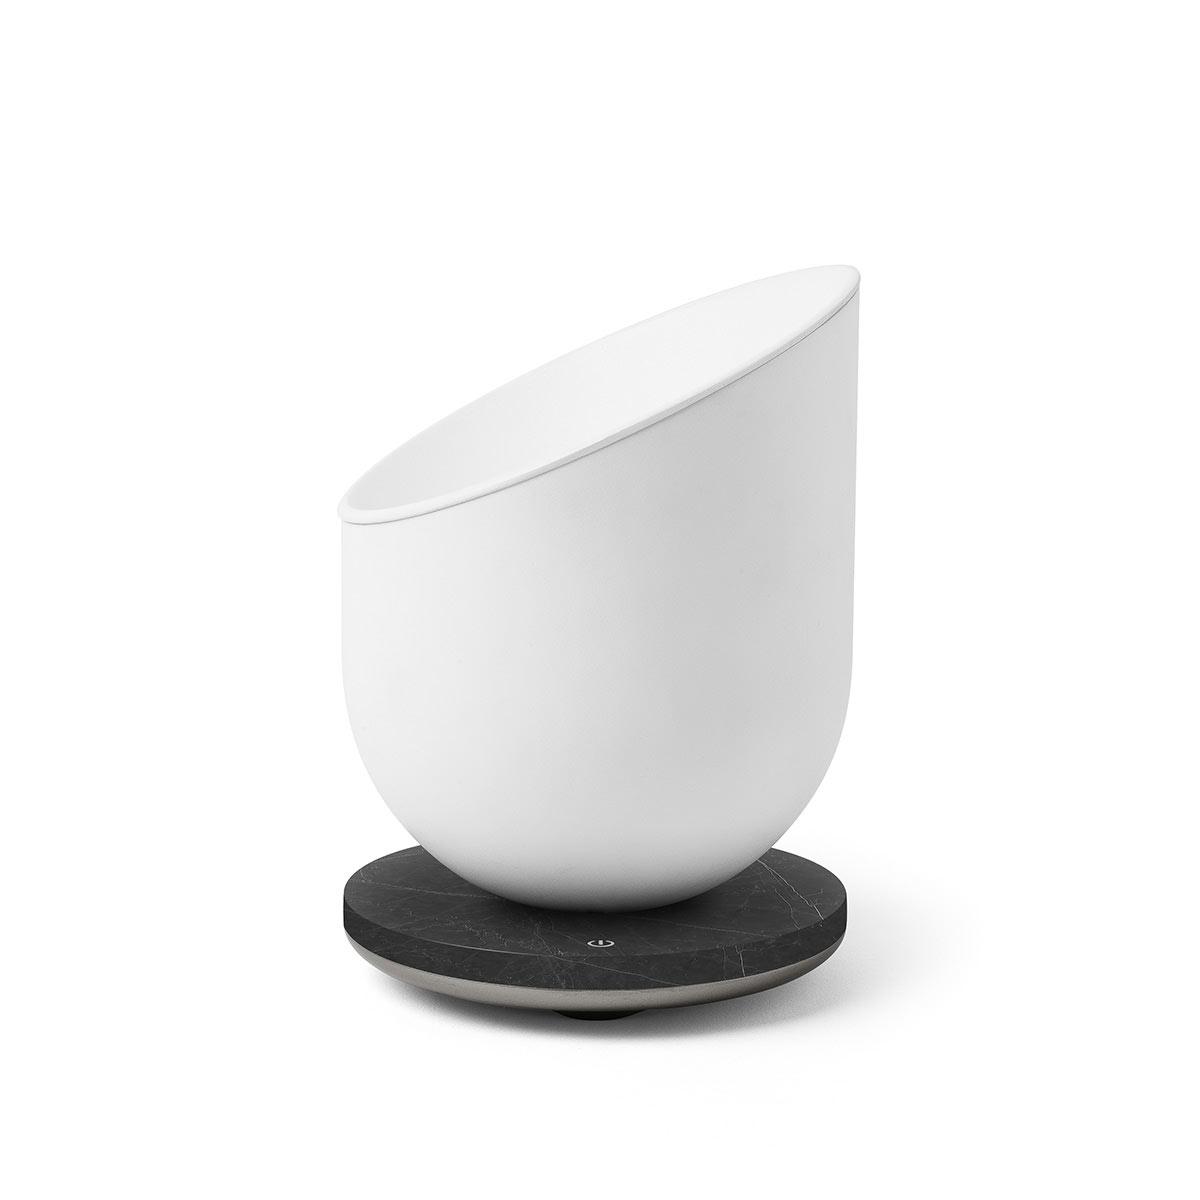 LEXON Miami Scent Aroma Diffuser Gunmetal/Black Marble | the design gift shop